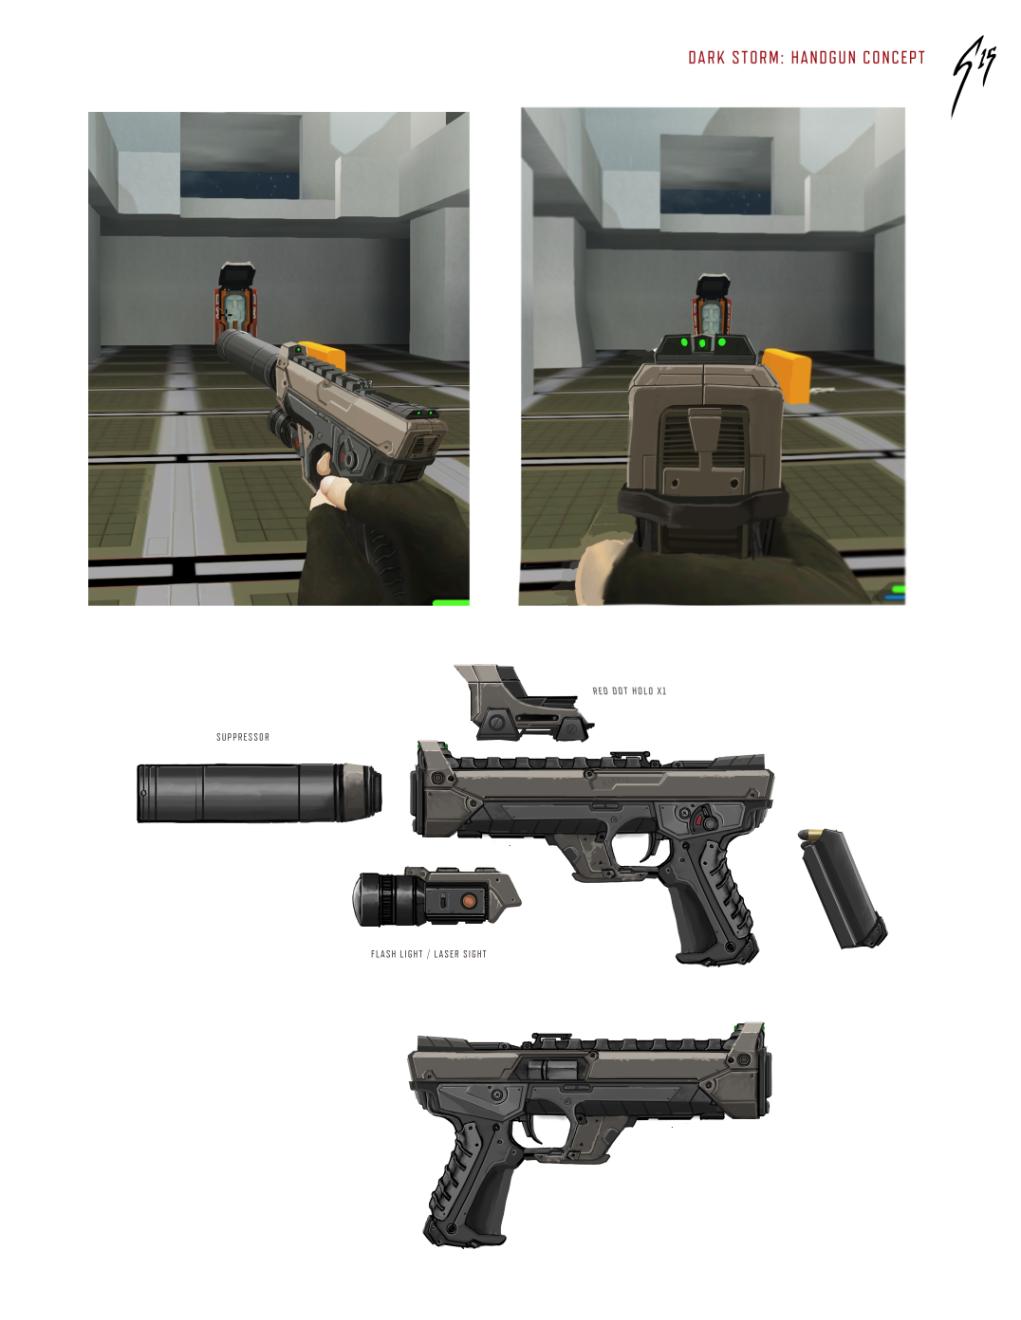 pistol finalized